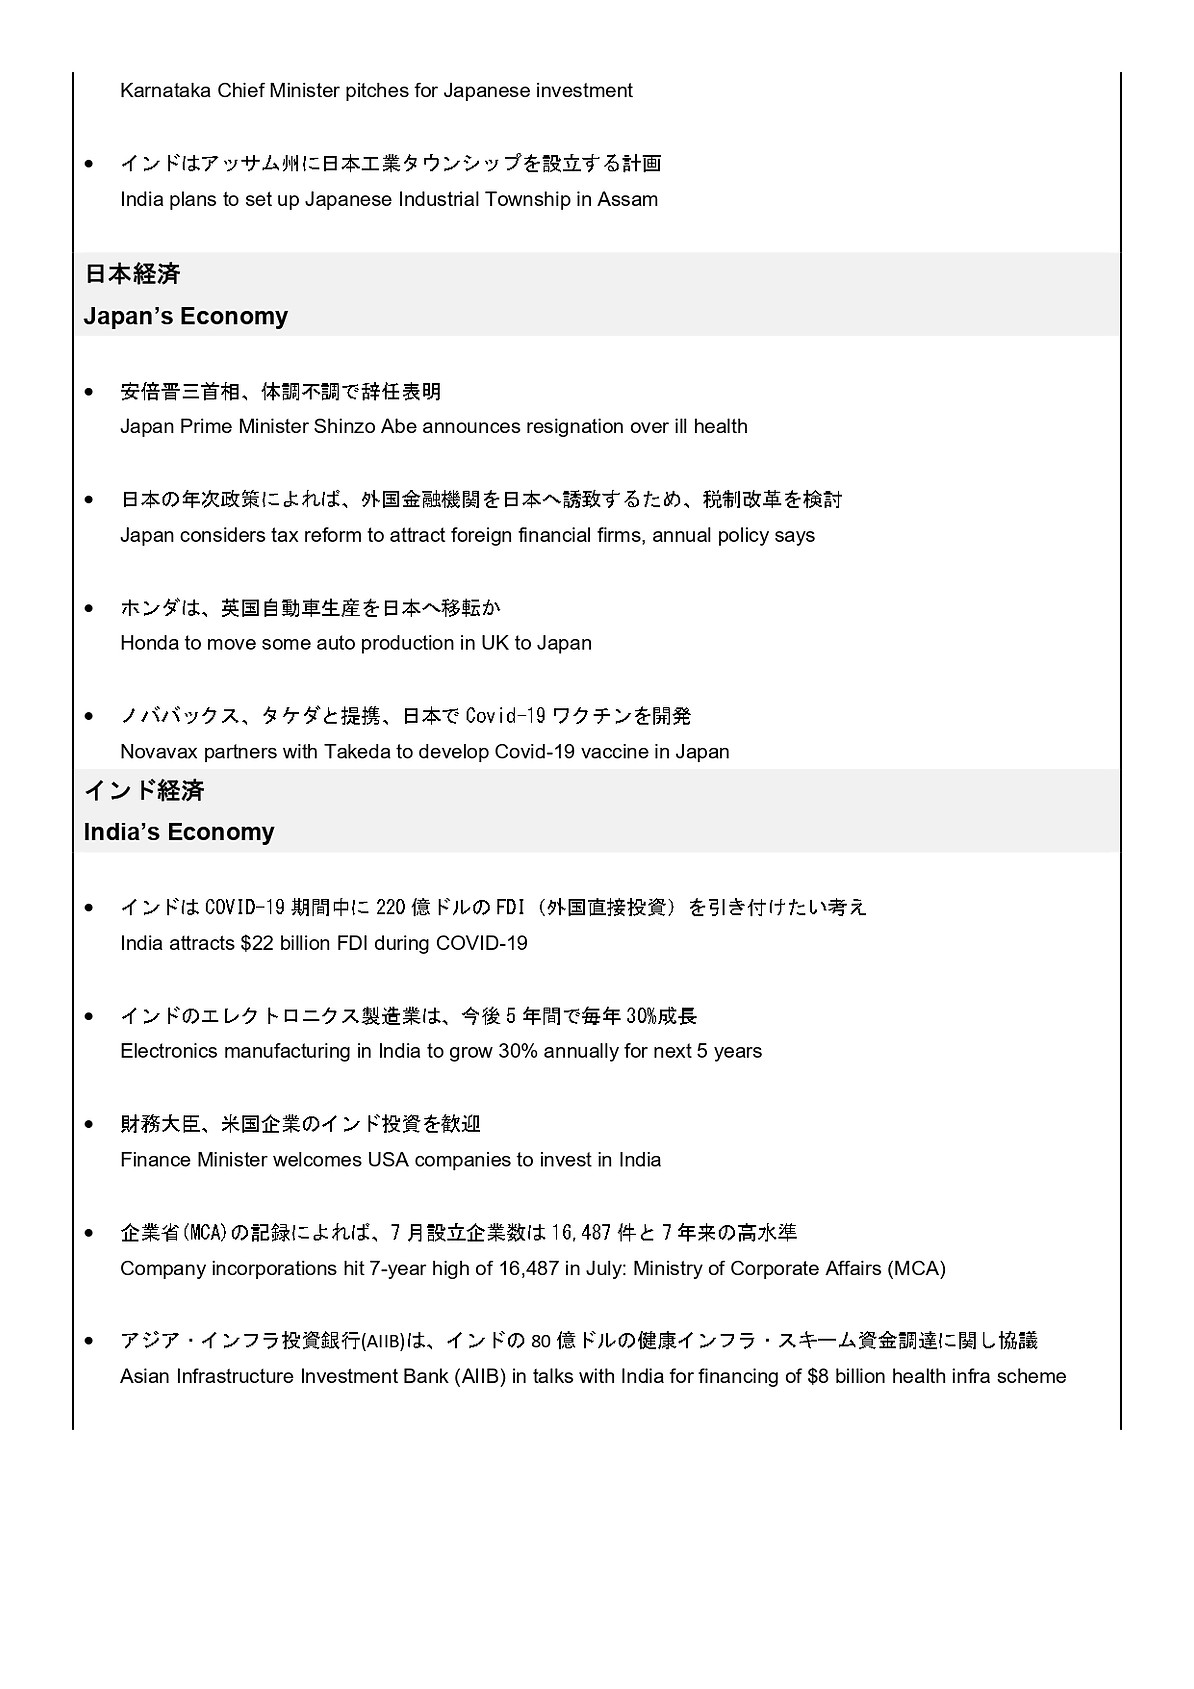 文書 1_page-0002.jpg